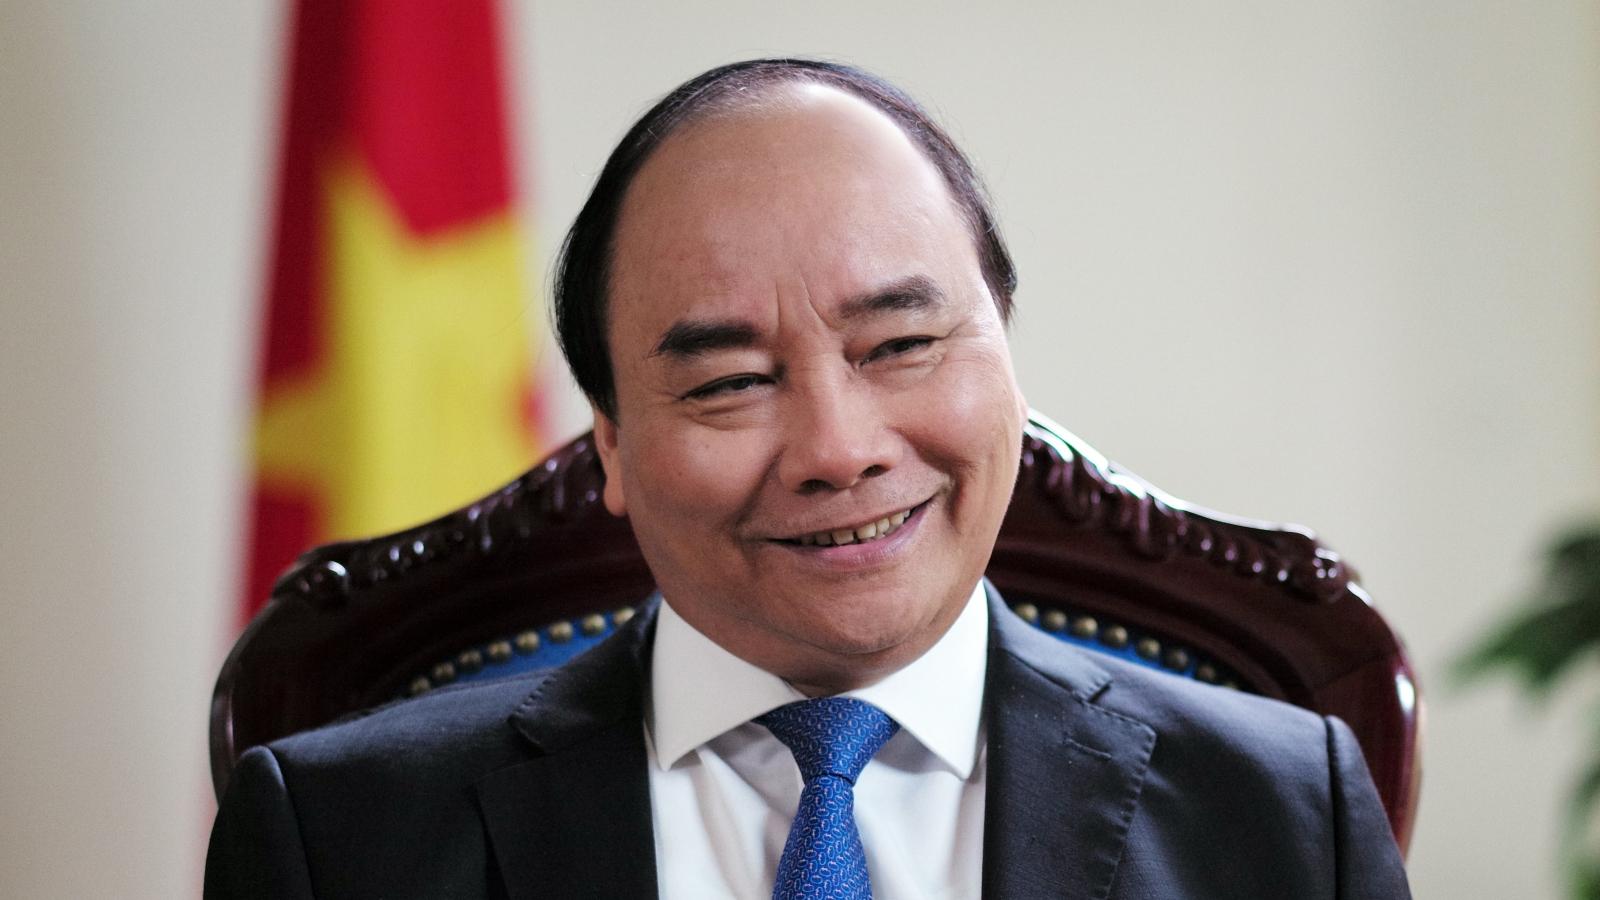 Thủ tướng Nguyễn Xuân Phúc sẽ tham dự Hội nghị Cấp cao APEC lần thứ 27